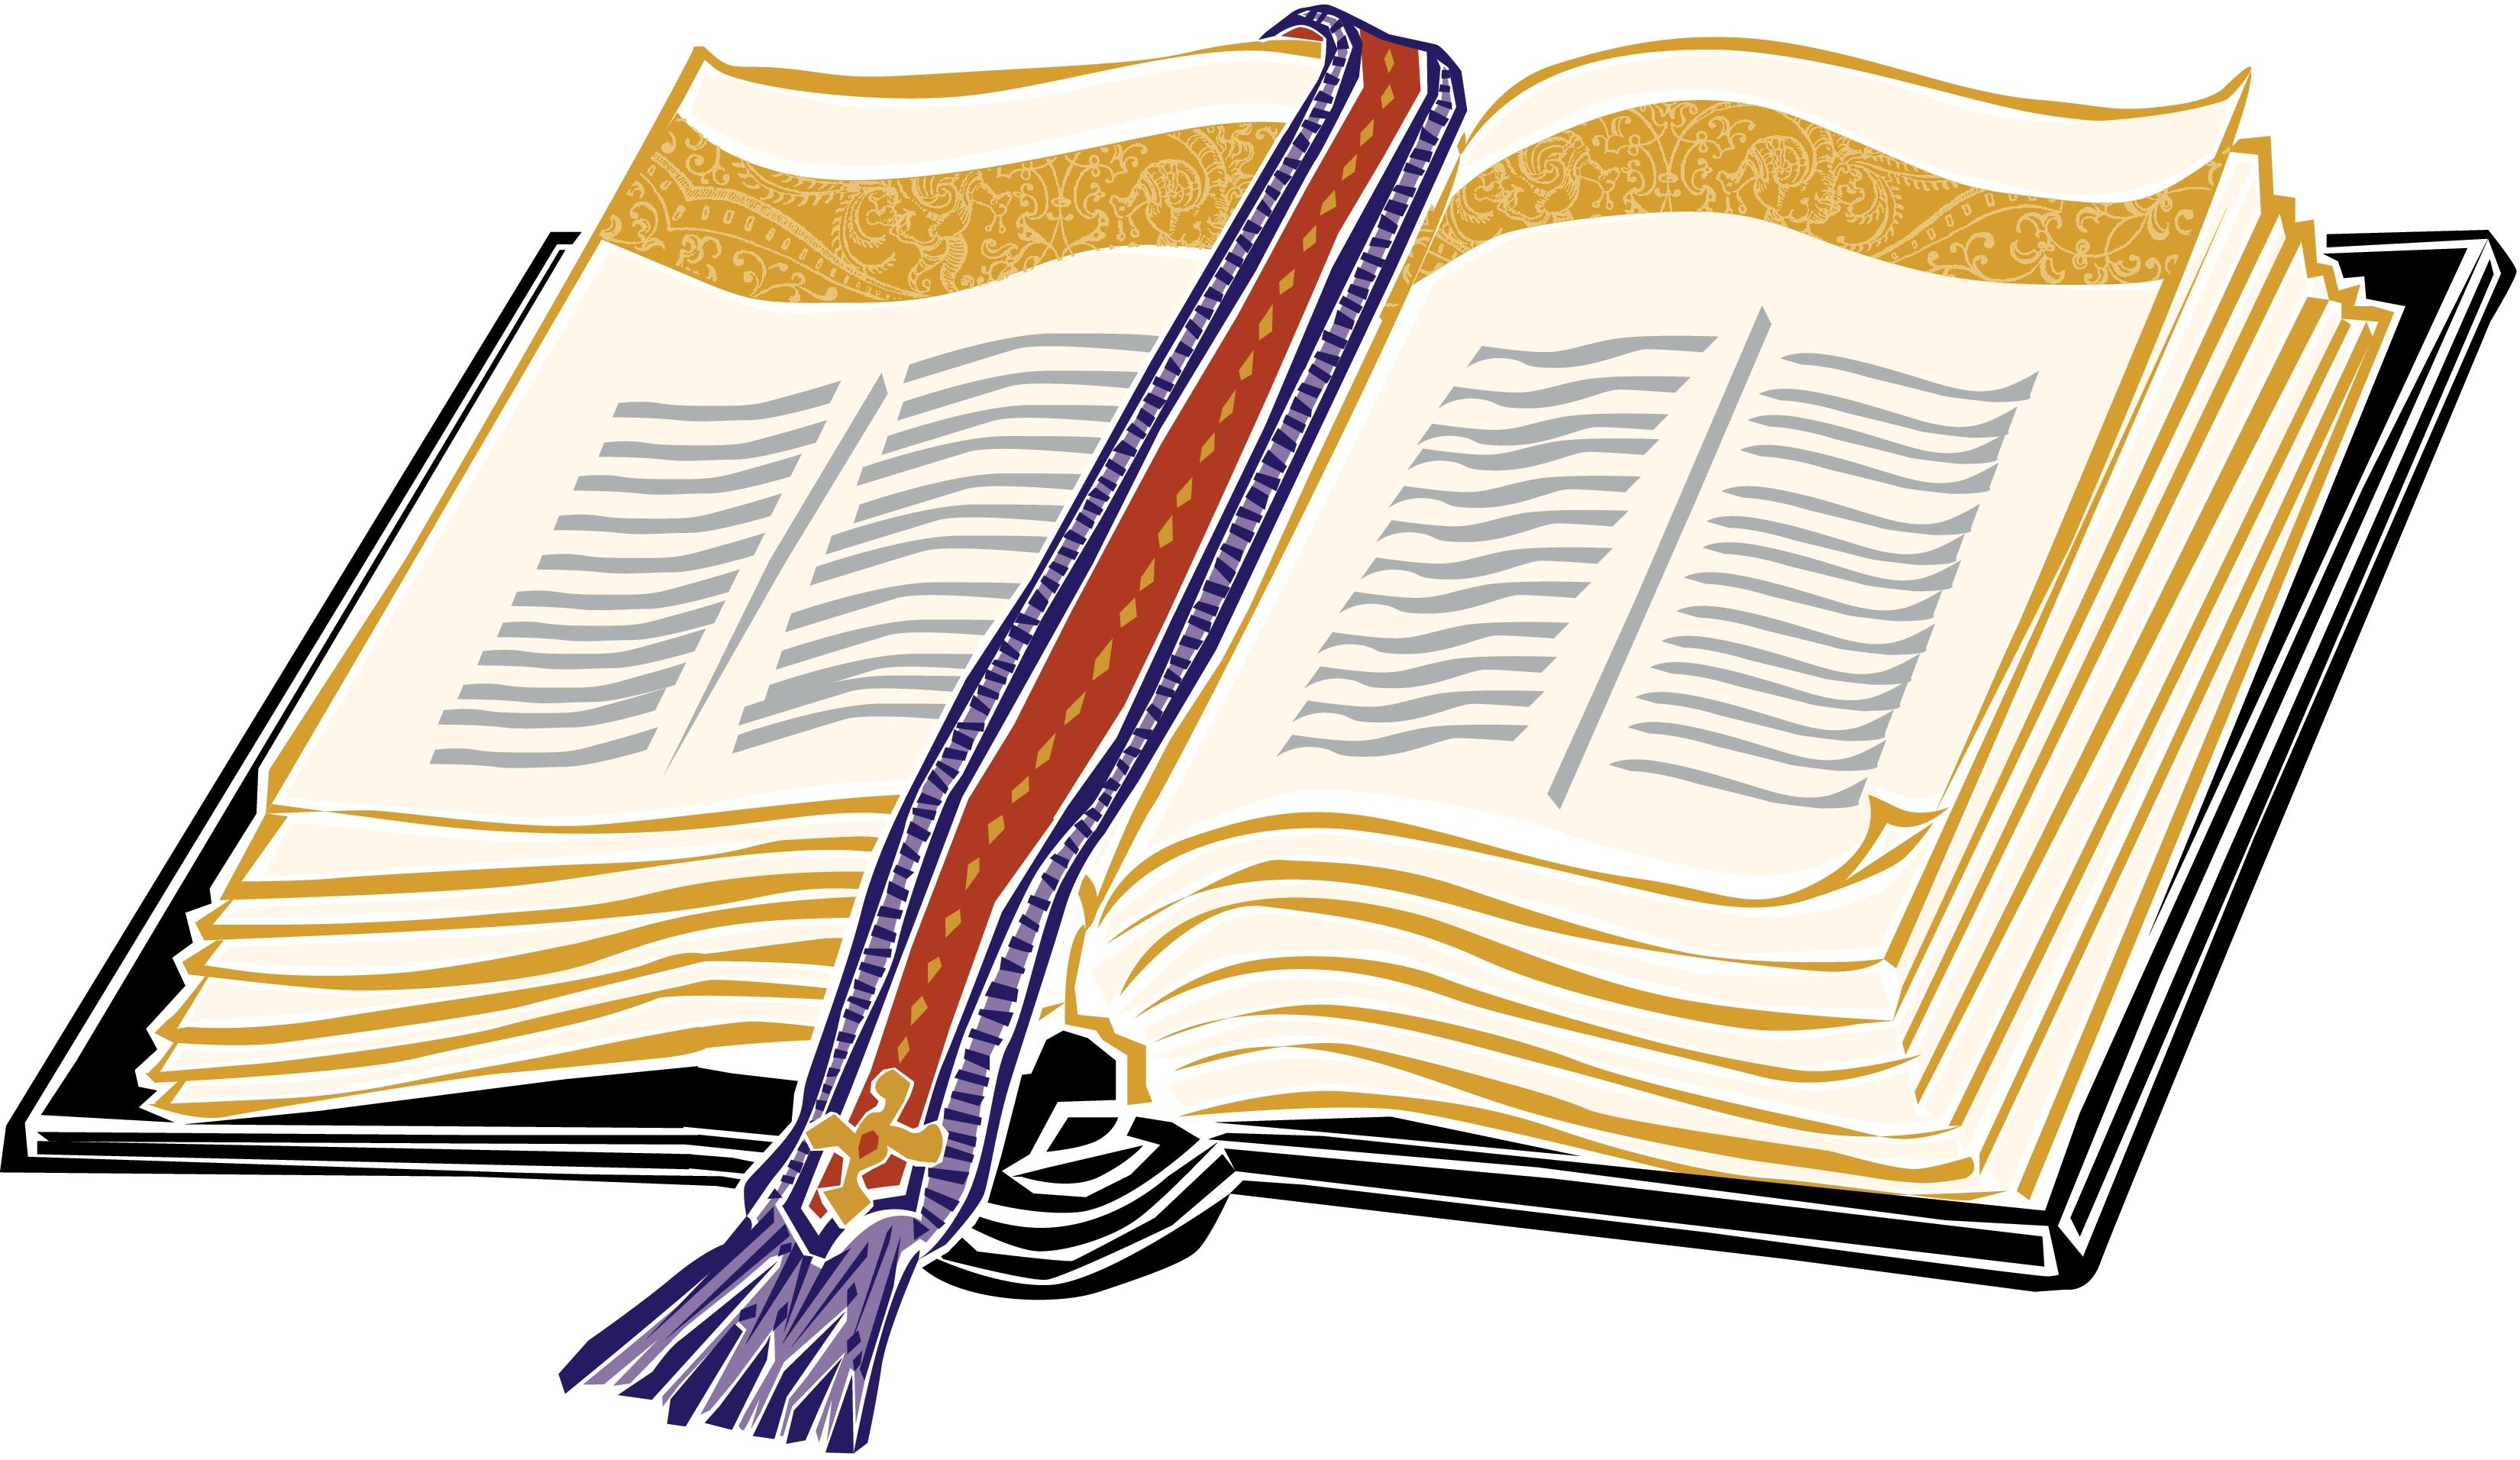 3300x1912 Christ Clipart Open Bible 3159489